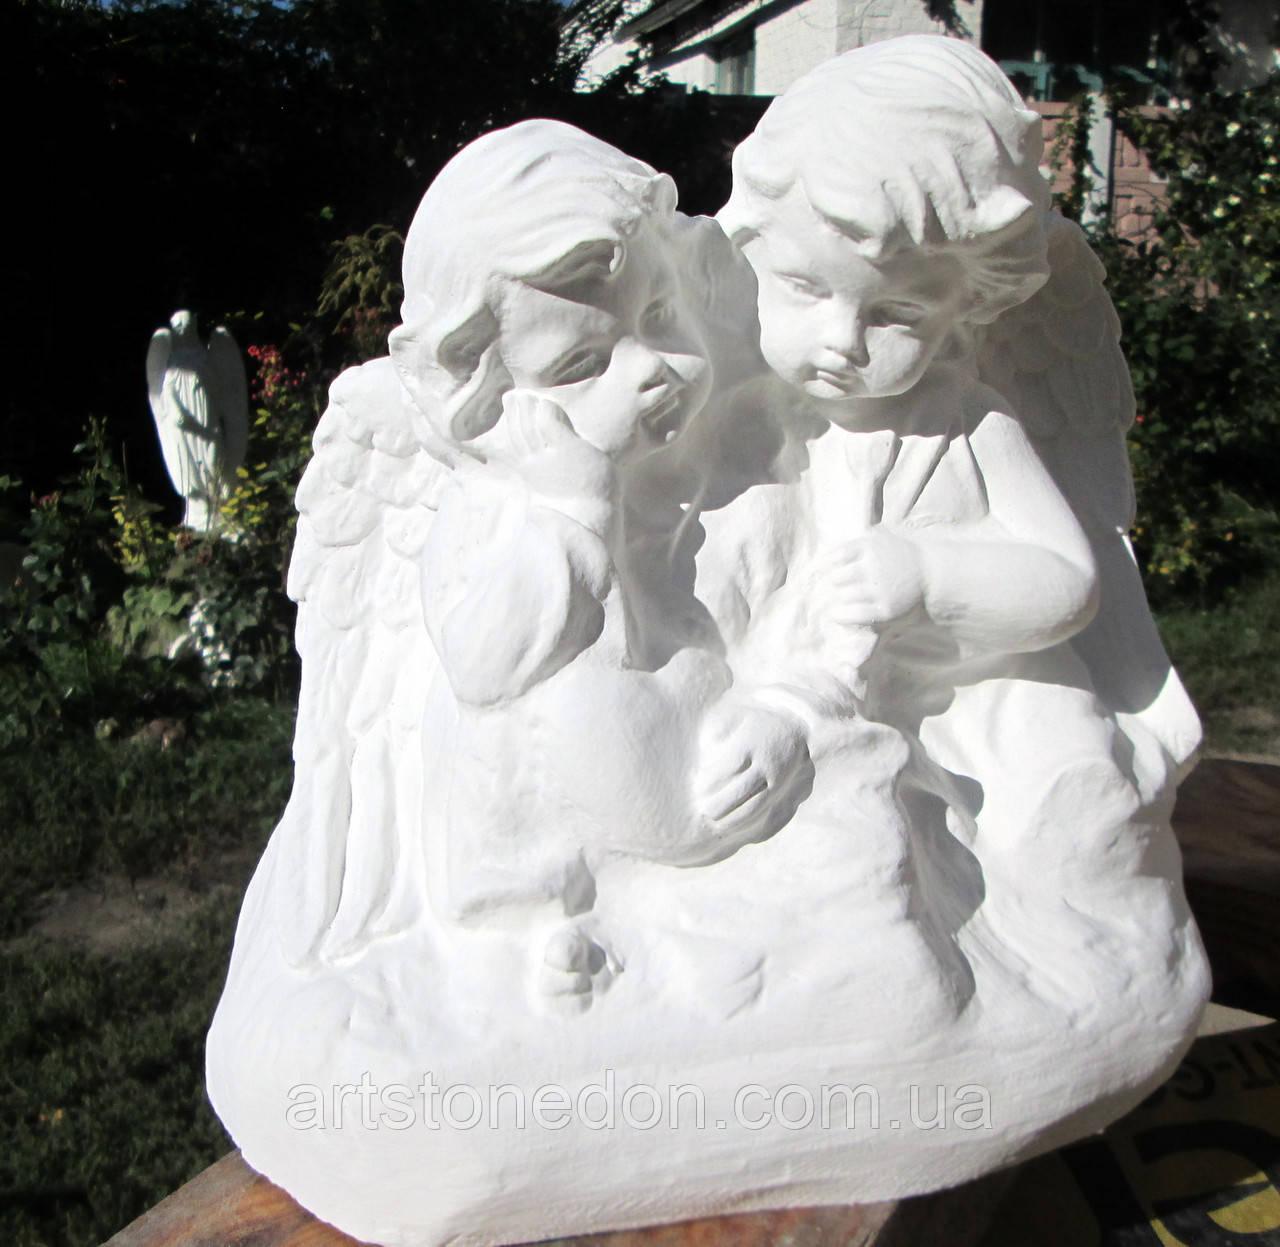 Бетонные скульптуры Украина. Скульптура Два ангелочка из бетона. Ангелочки близнецы